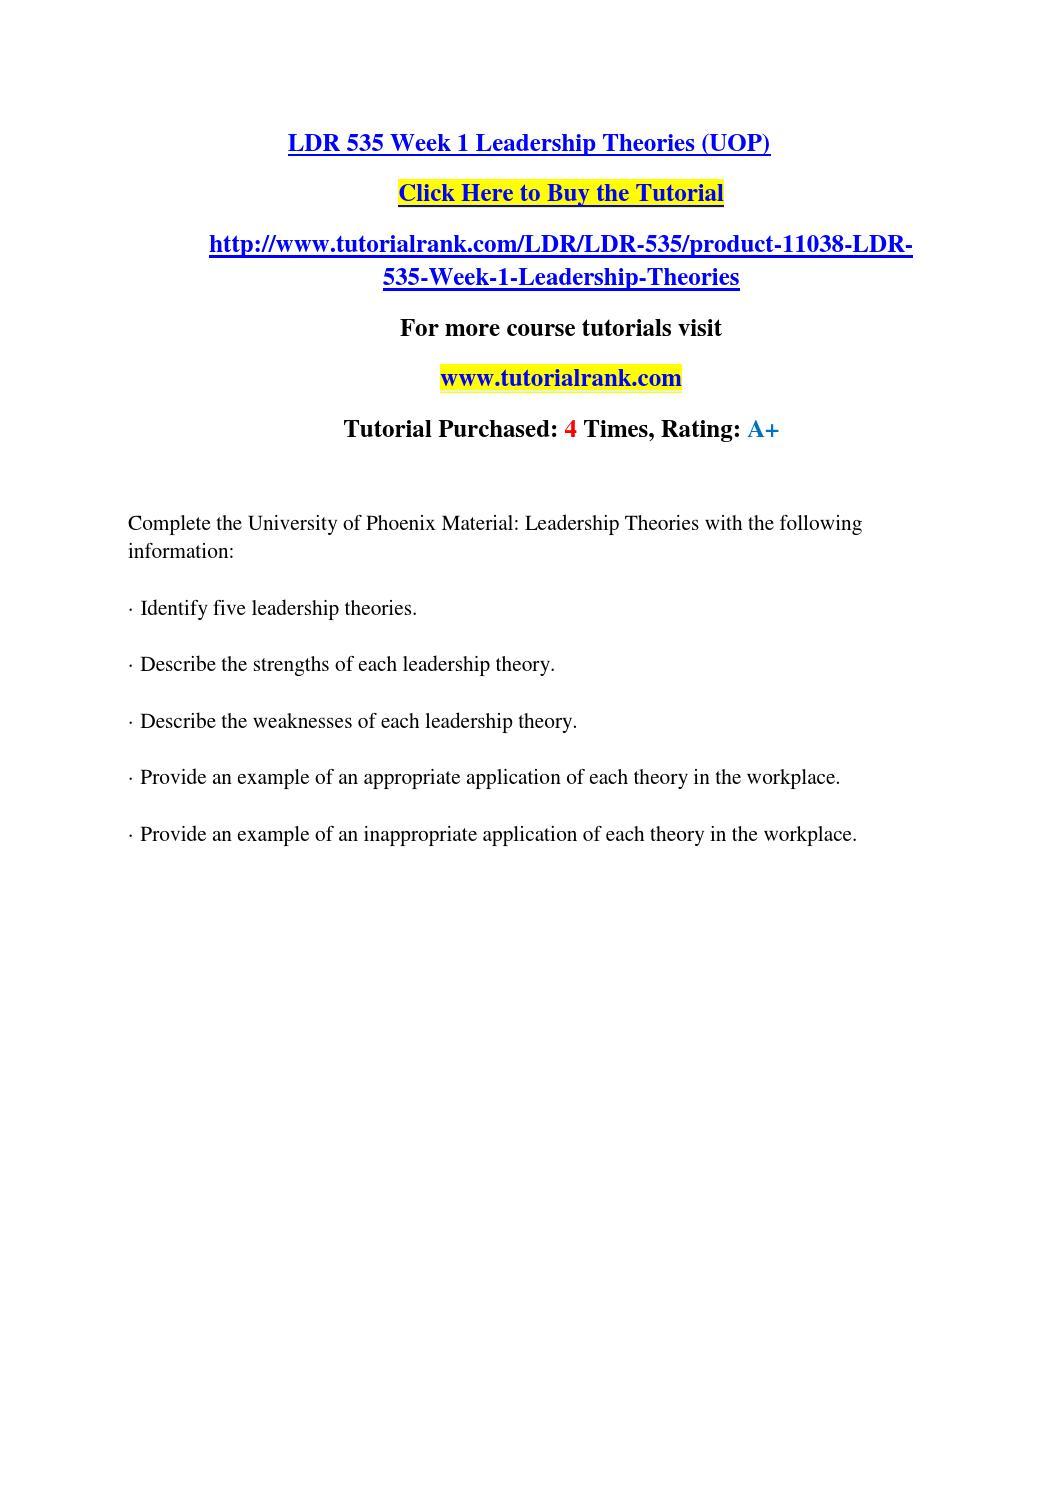 Ldr 535 week 1 leadership theories (uop) by bravehear.t304 - issuu